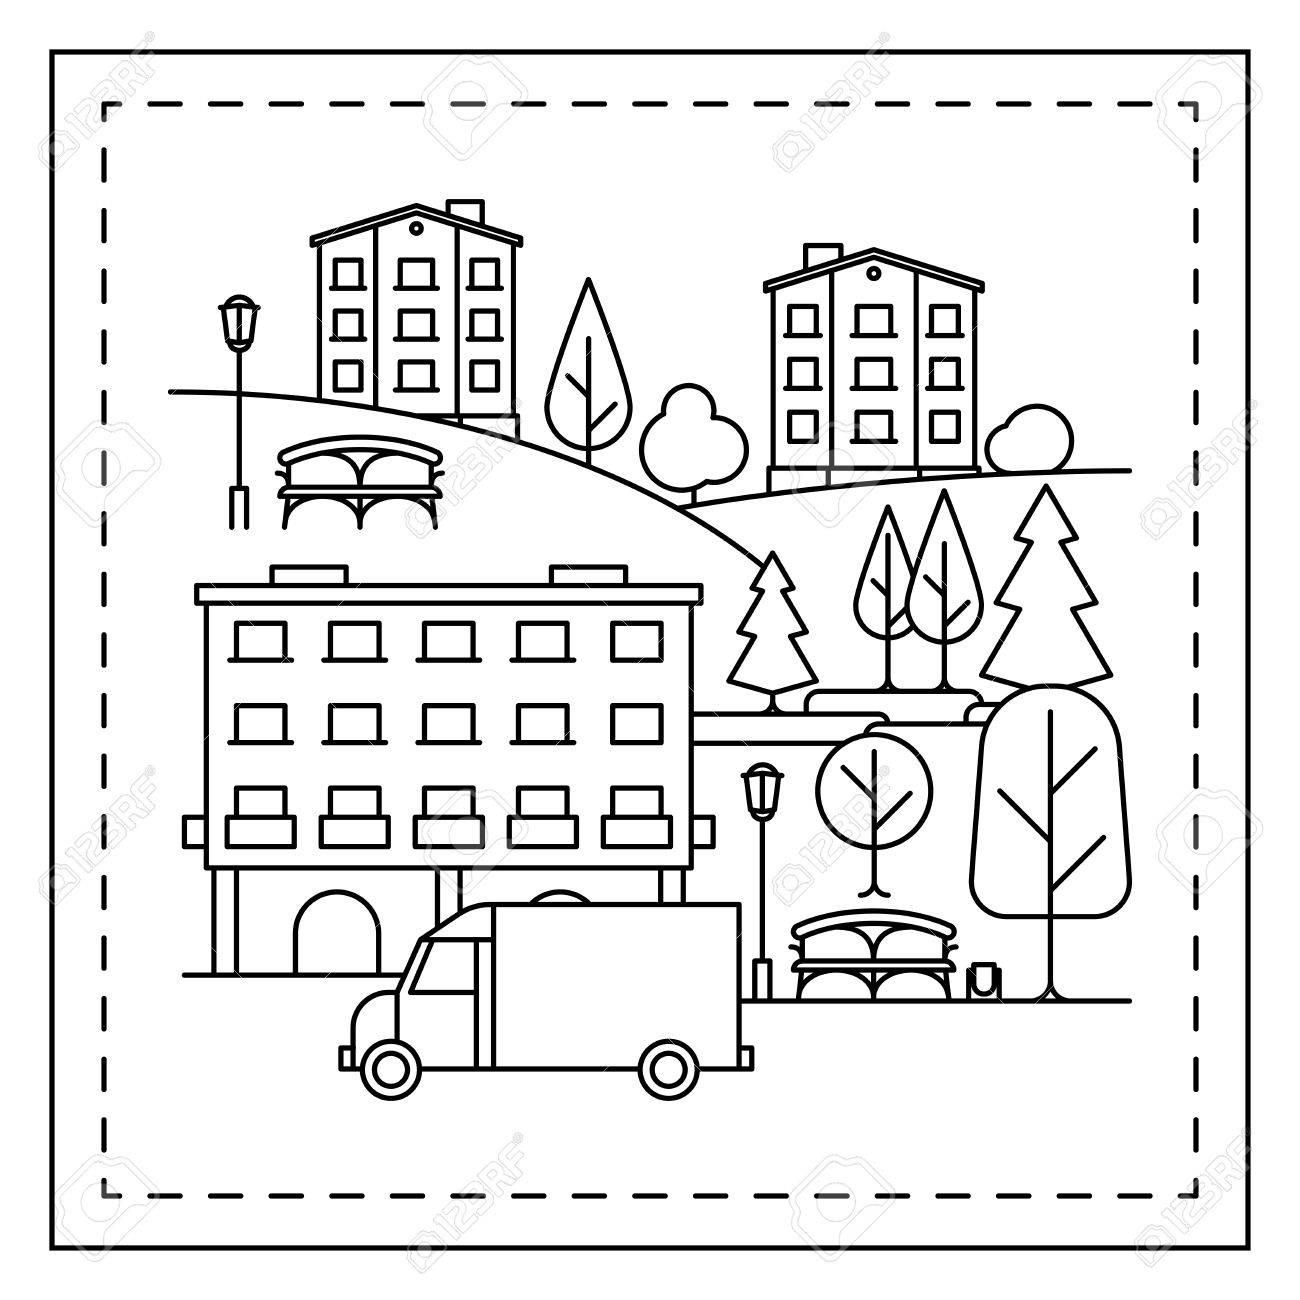 Dibujo Para Colorear Para Los Niños Con Paisaje De La Ciudad